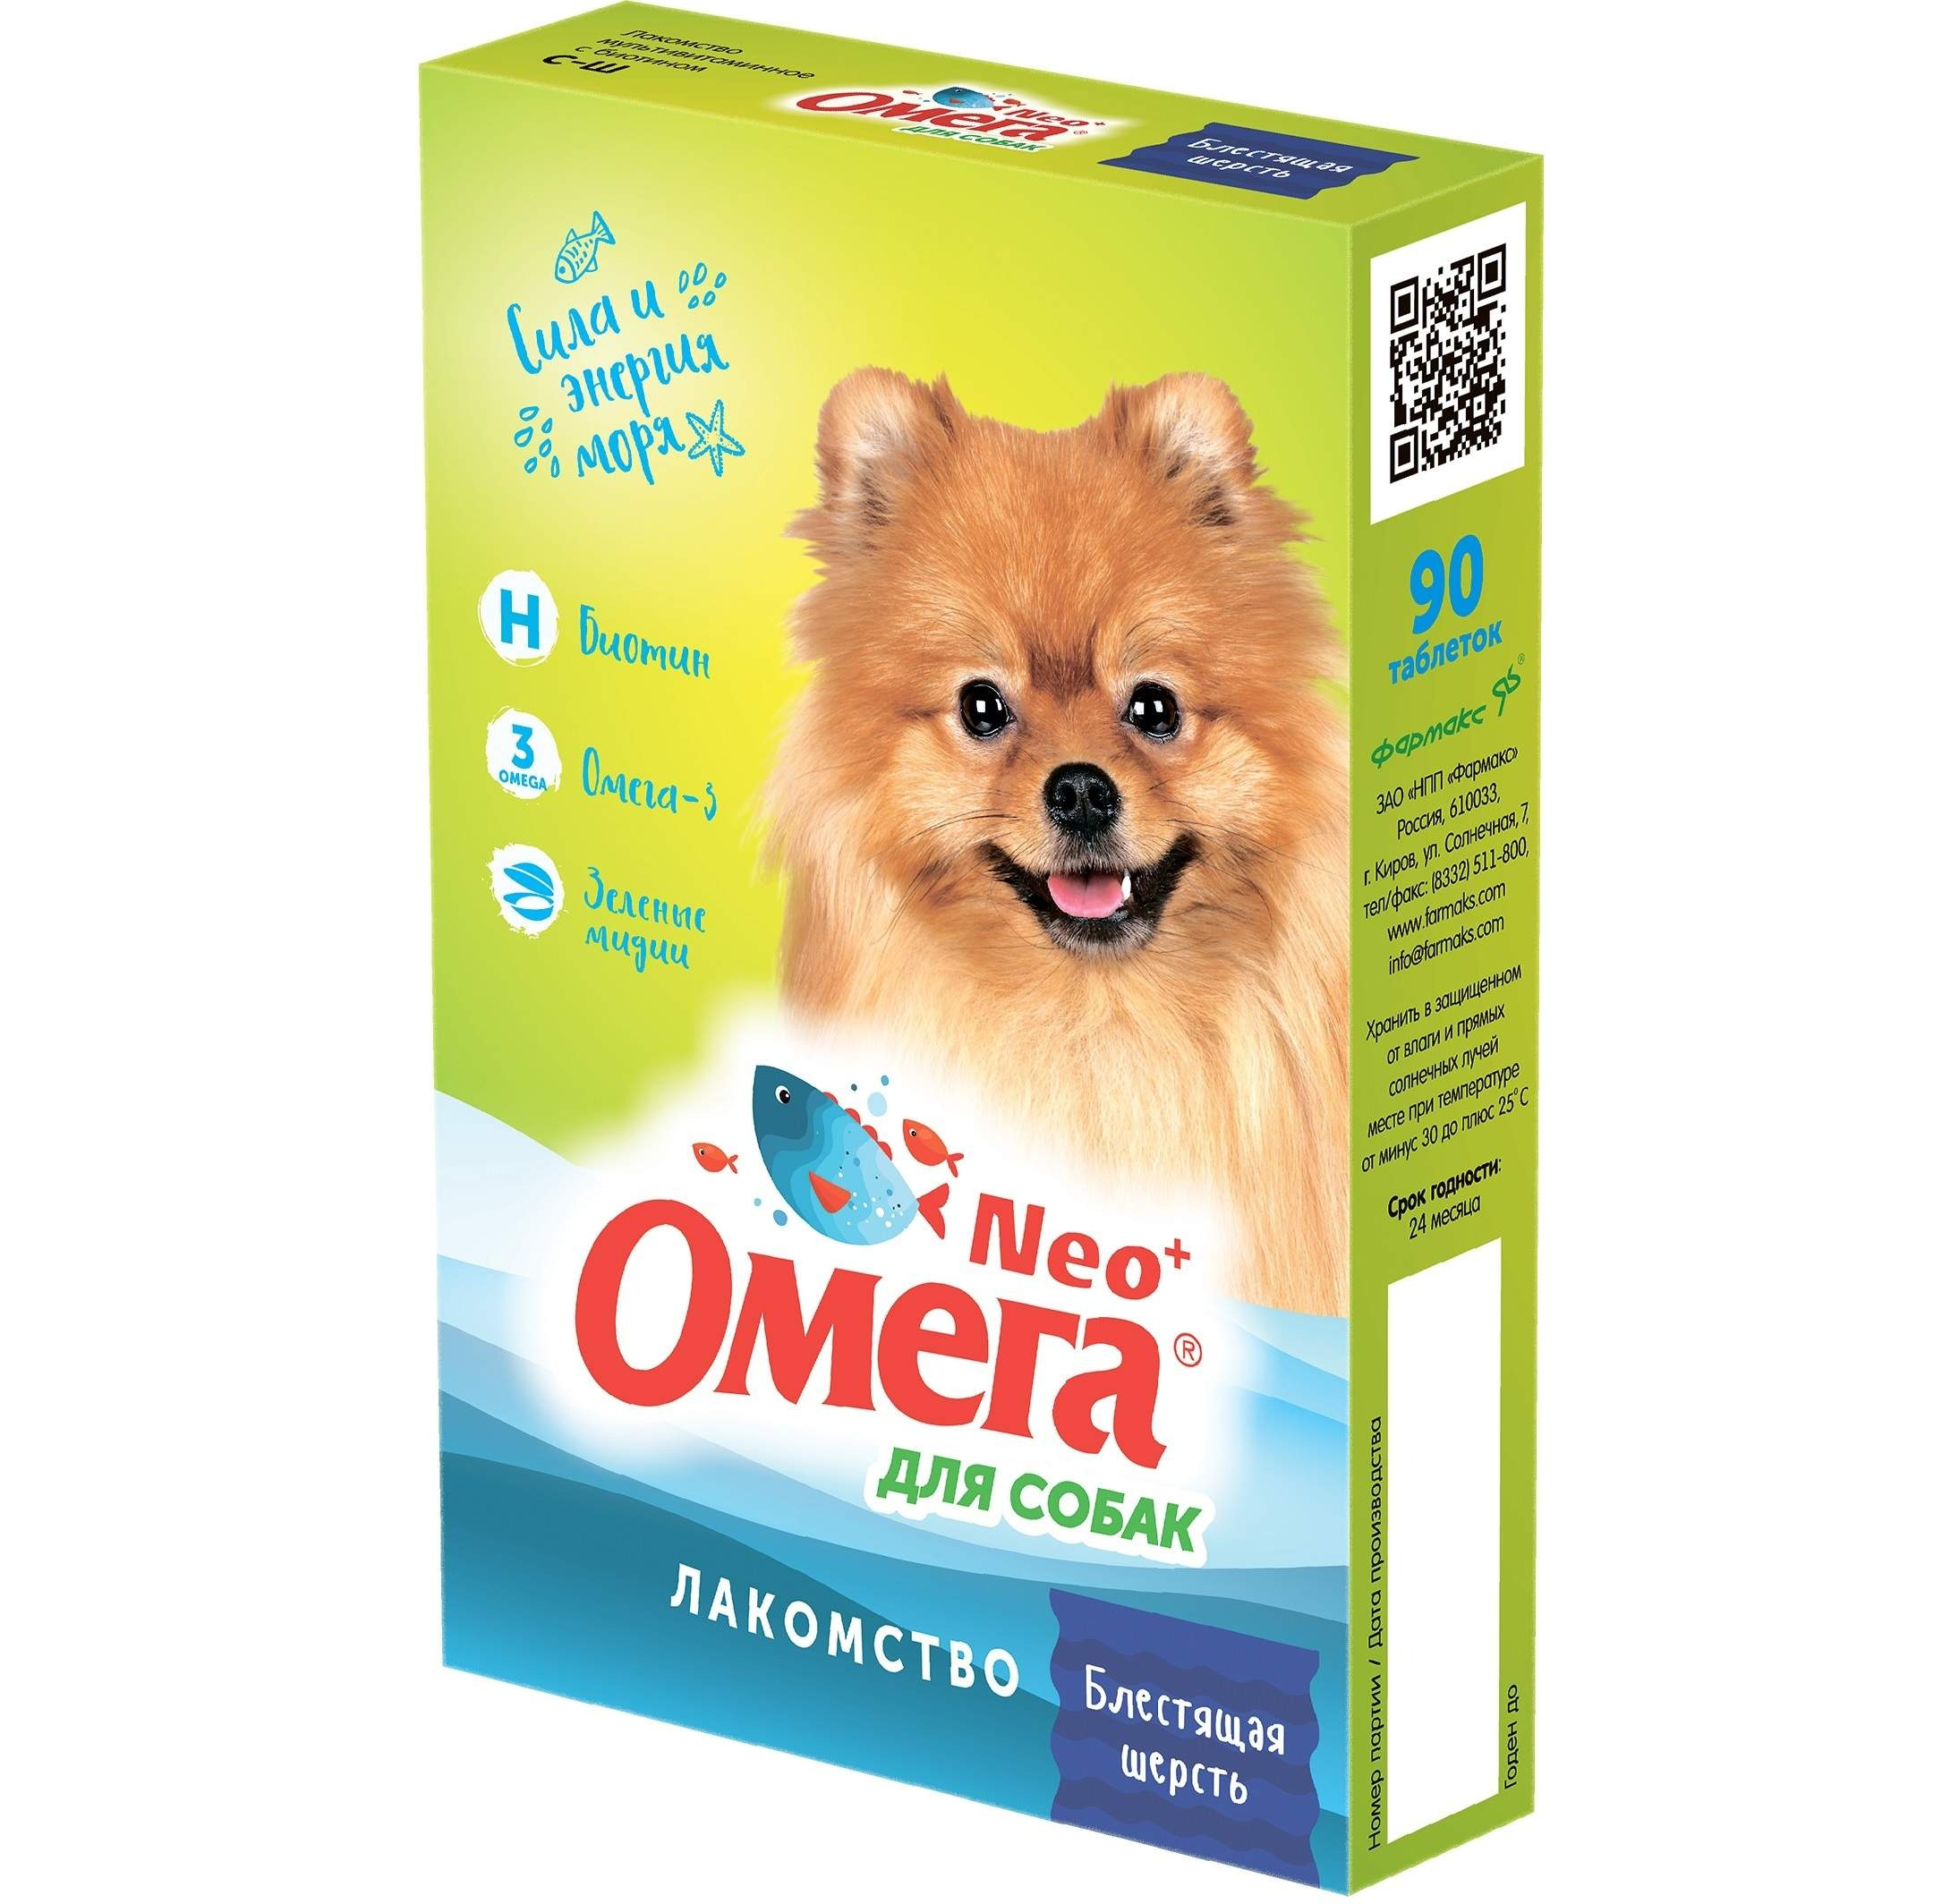 Витаминный комплекс для собак Омега NEO+, Биотин